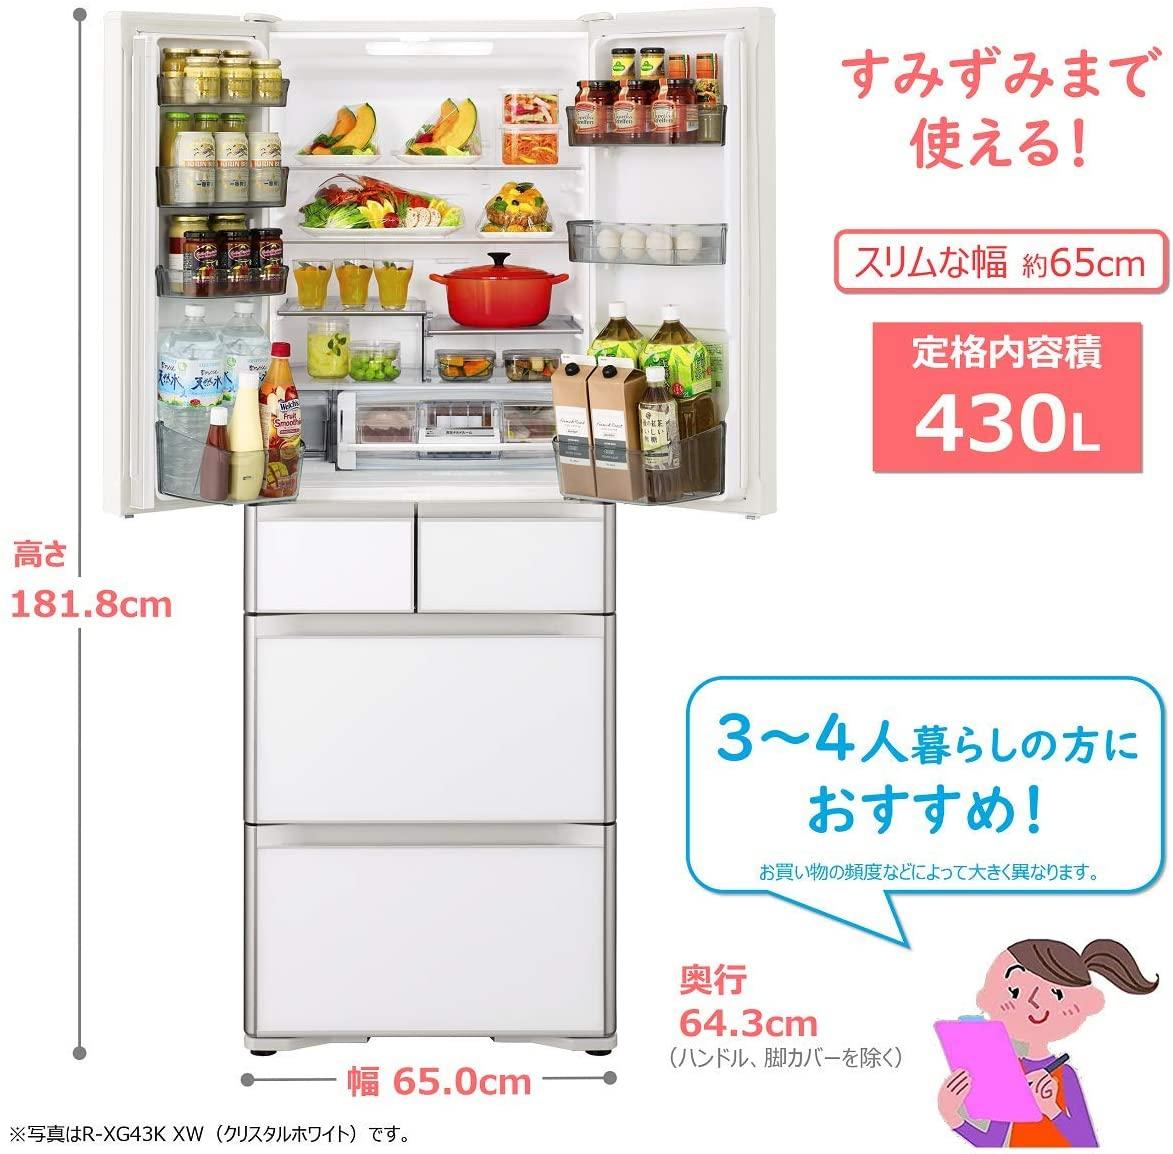 日立(ひたち)430L 6ドア冷蔵庫 R-XG43Kの商品画像2